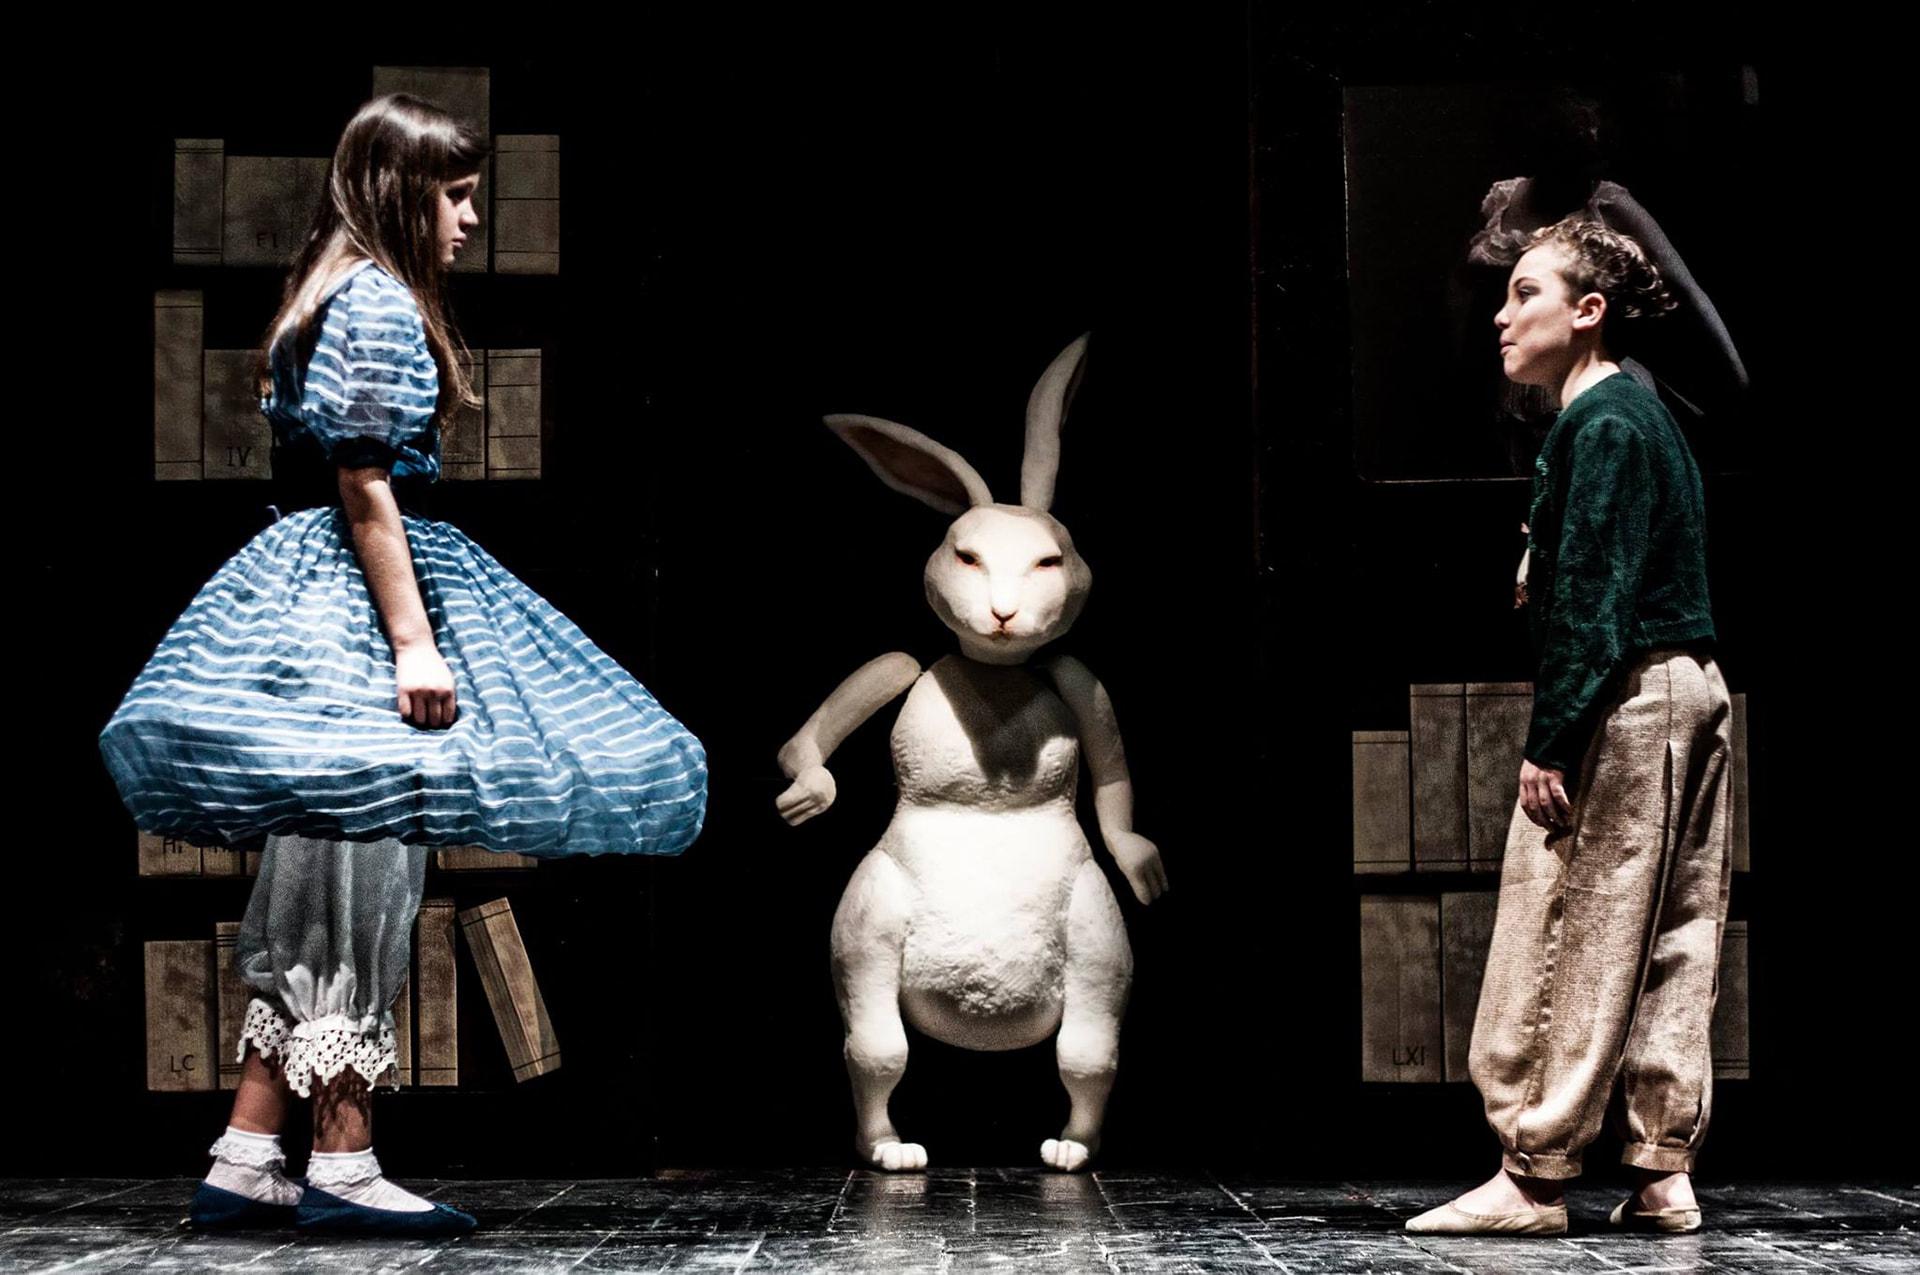 """Foto di scena 2 """"Peter e Alice attraverso lo specchio"""" (coniglio bianco)"""